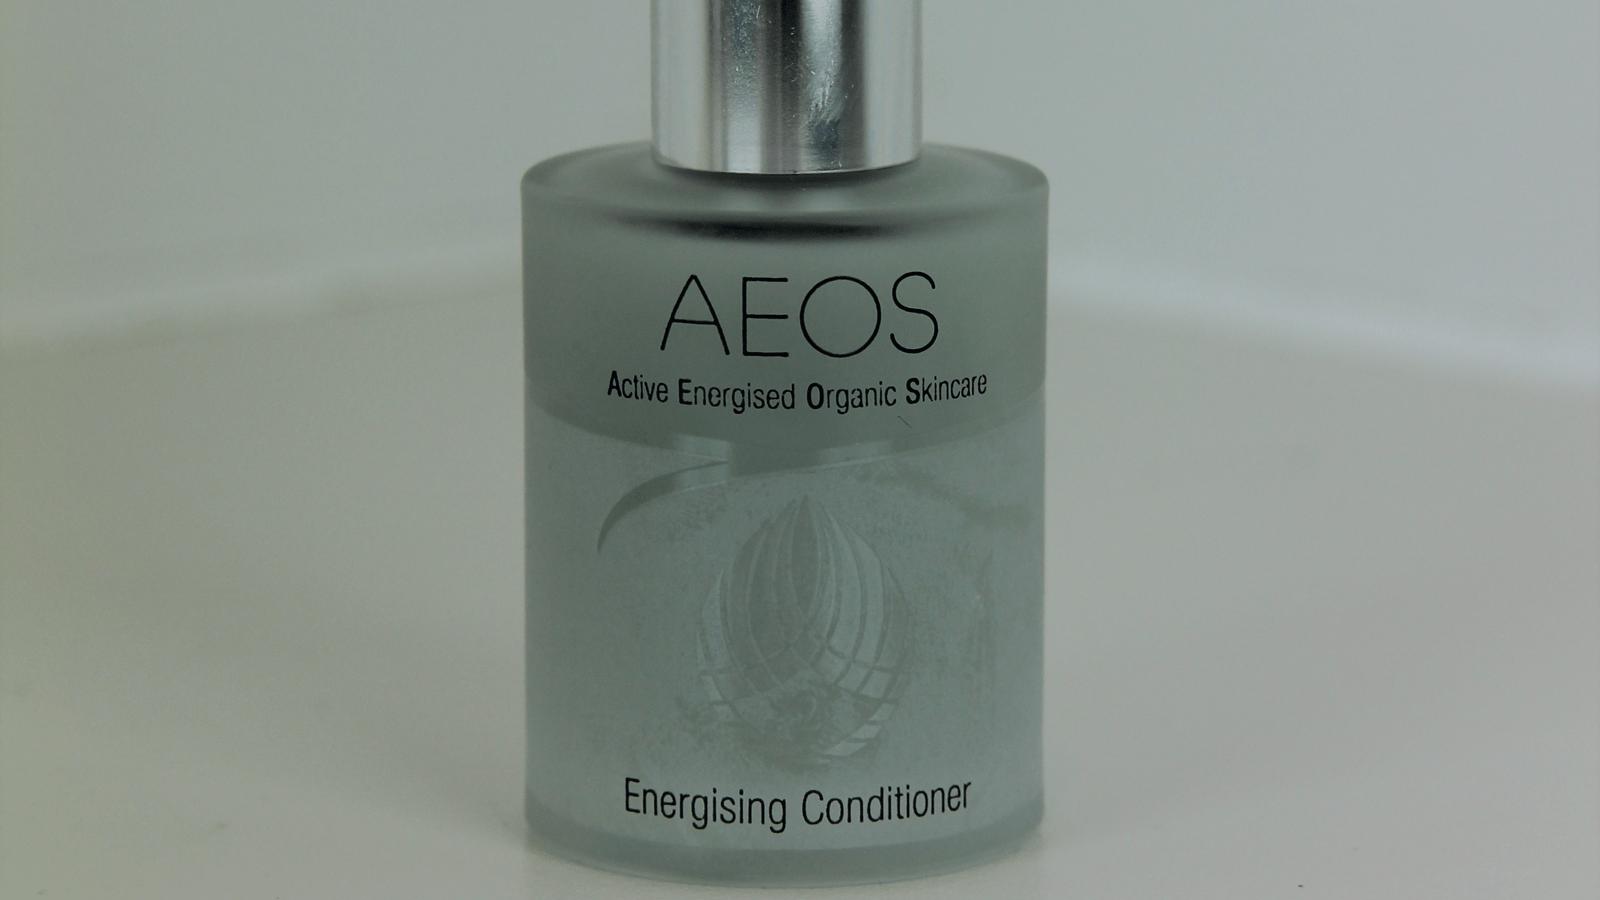 AEOS-active-energised-organic-skincare-Energising-Conditioner